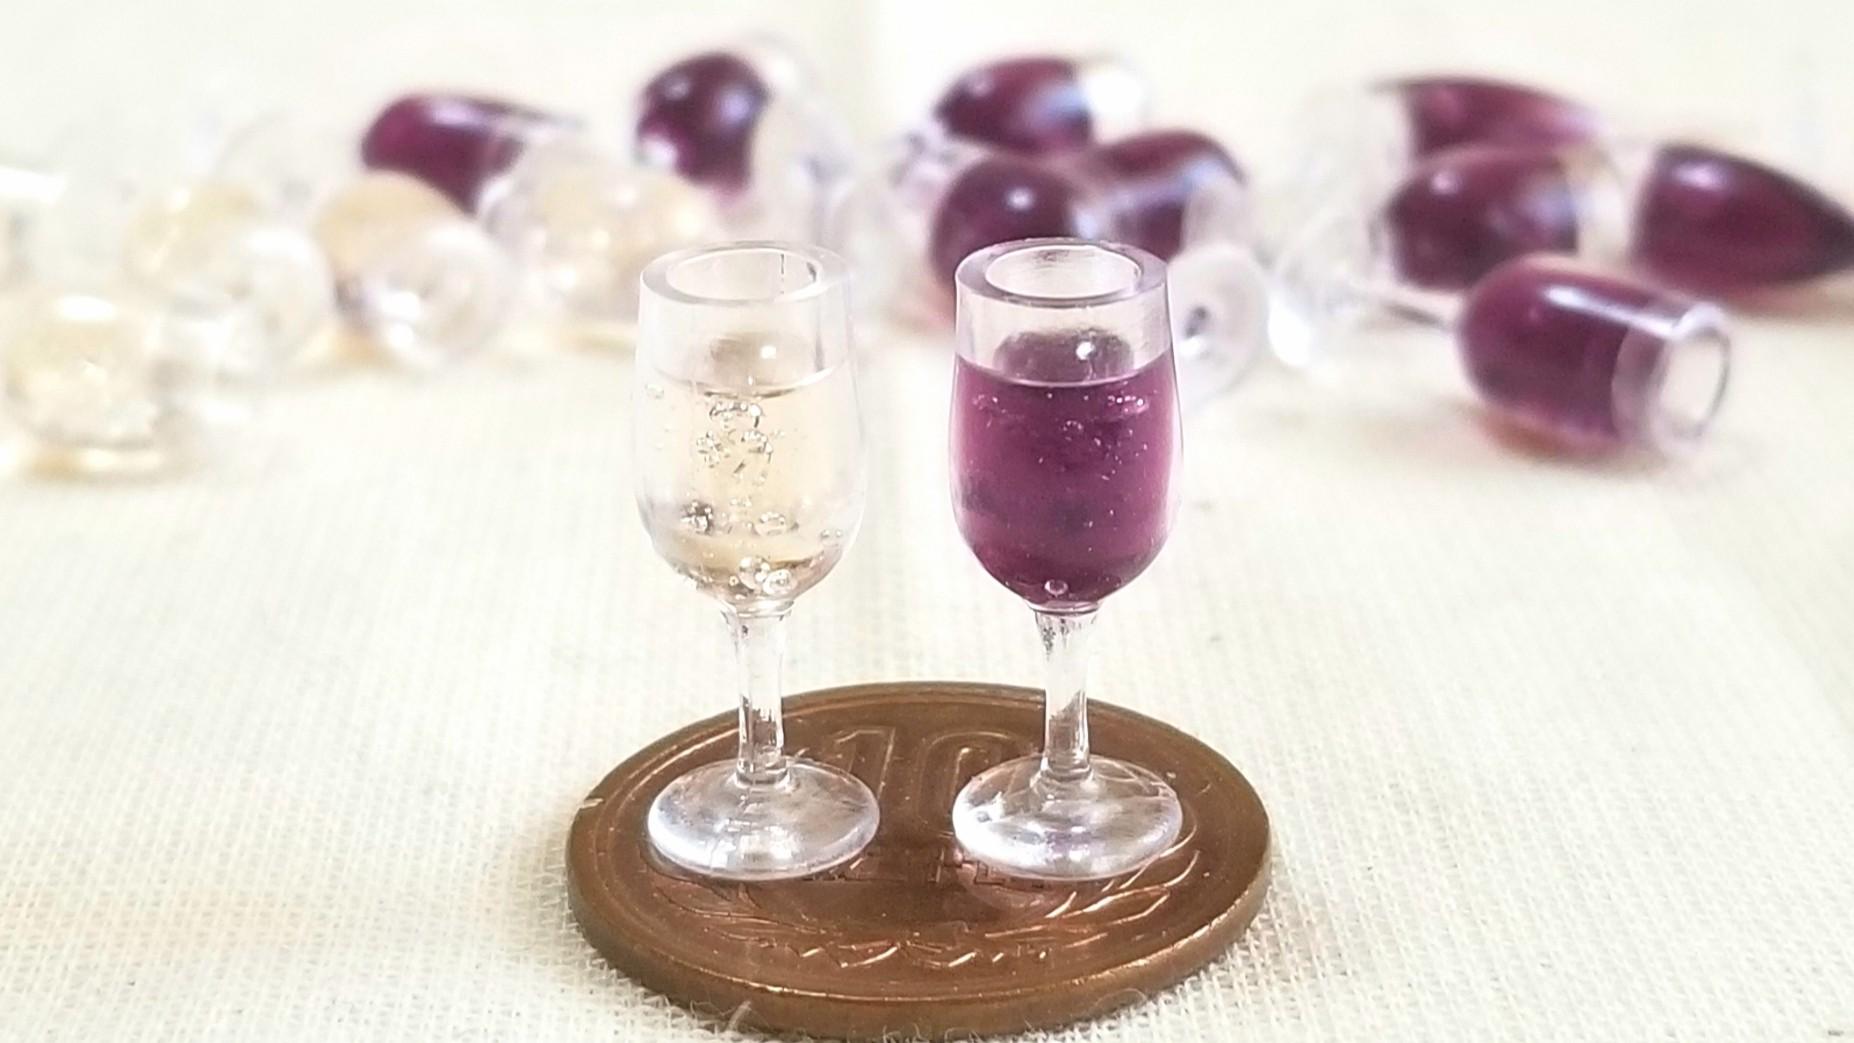 ワイン,ロゼ,シャンパン,赤白,シルバニアサイズ,小物,ドール遊び